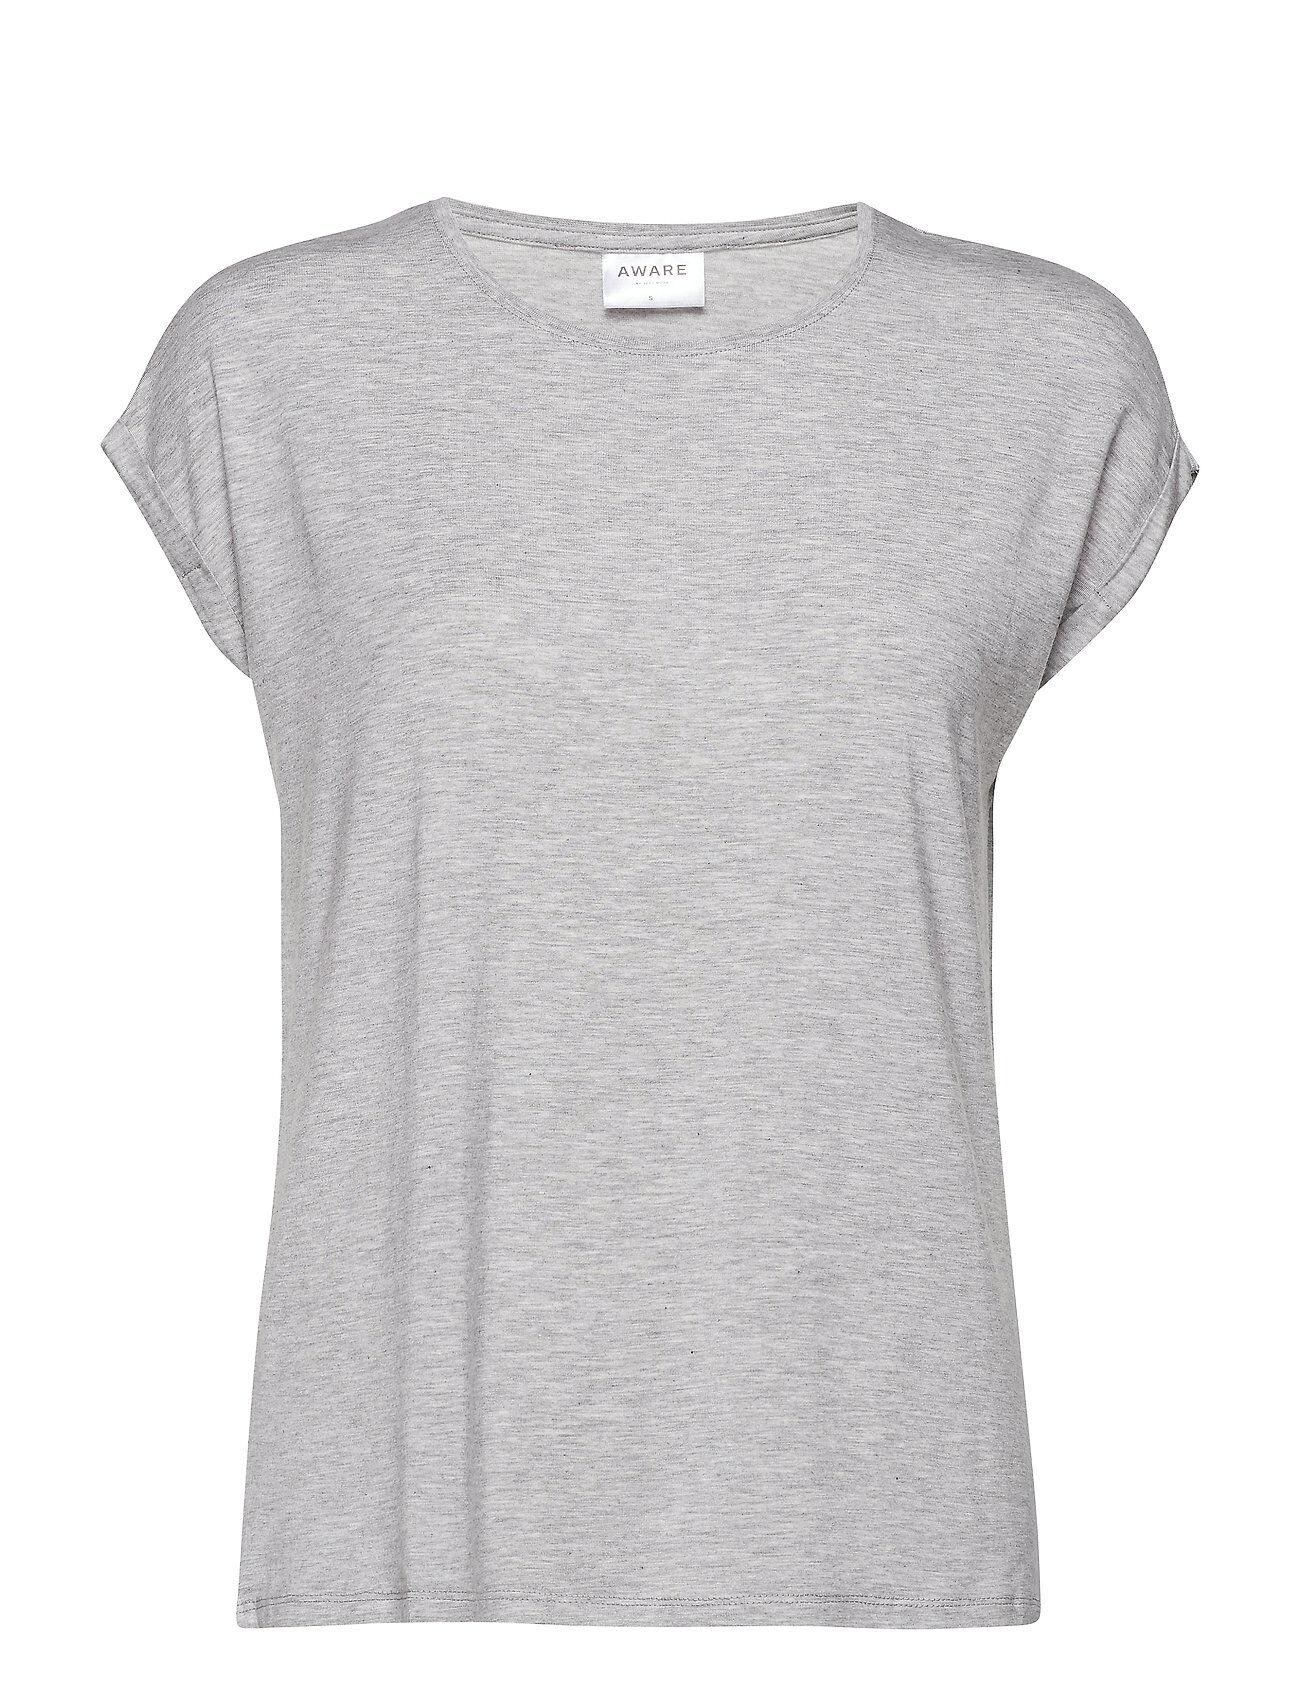 Vero Moda Vmava Plain Ss Top Ga Noos T-shirts & Tops Short-sleeved Harmaa Vero Moda